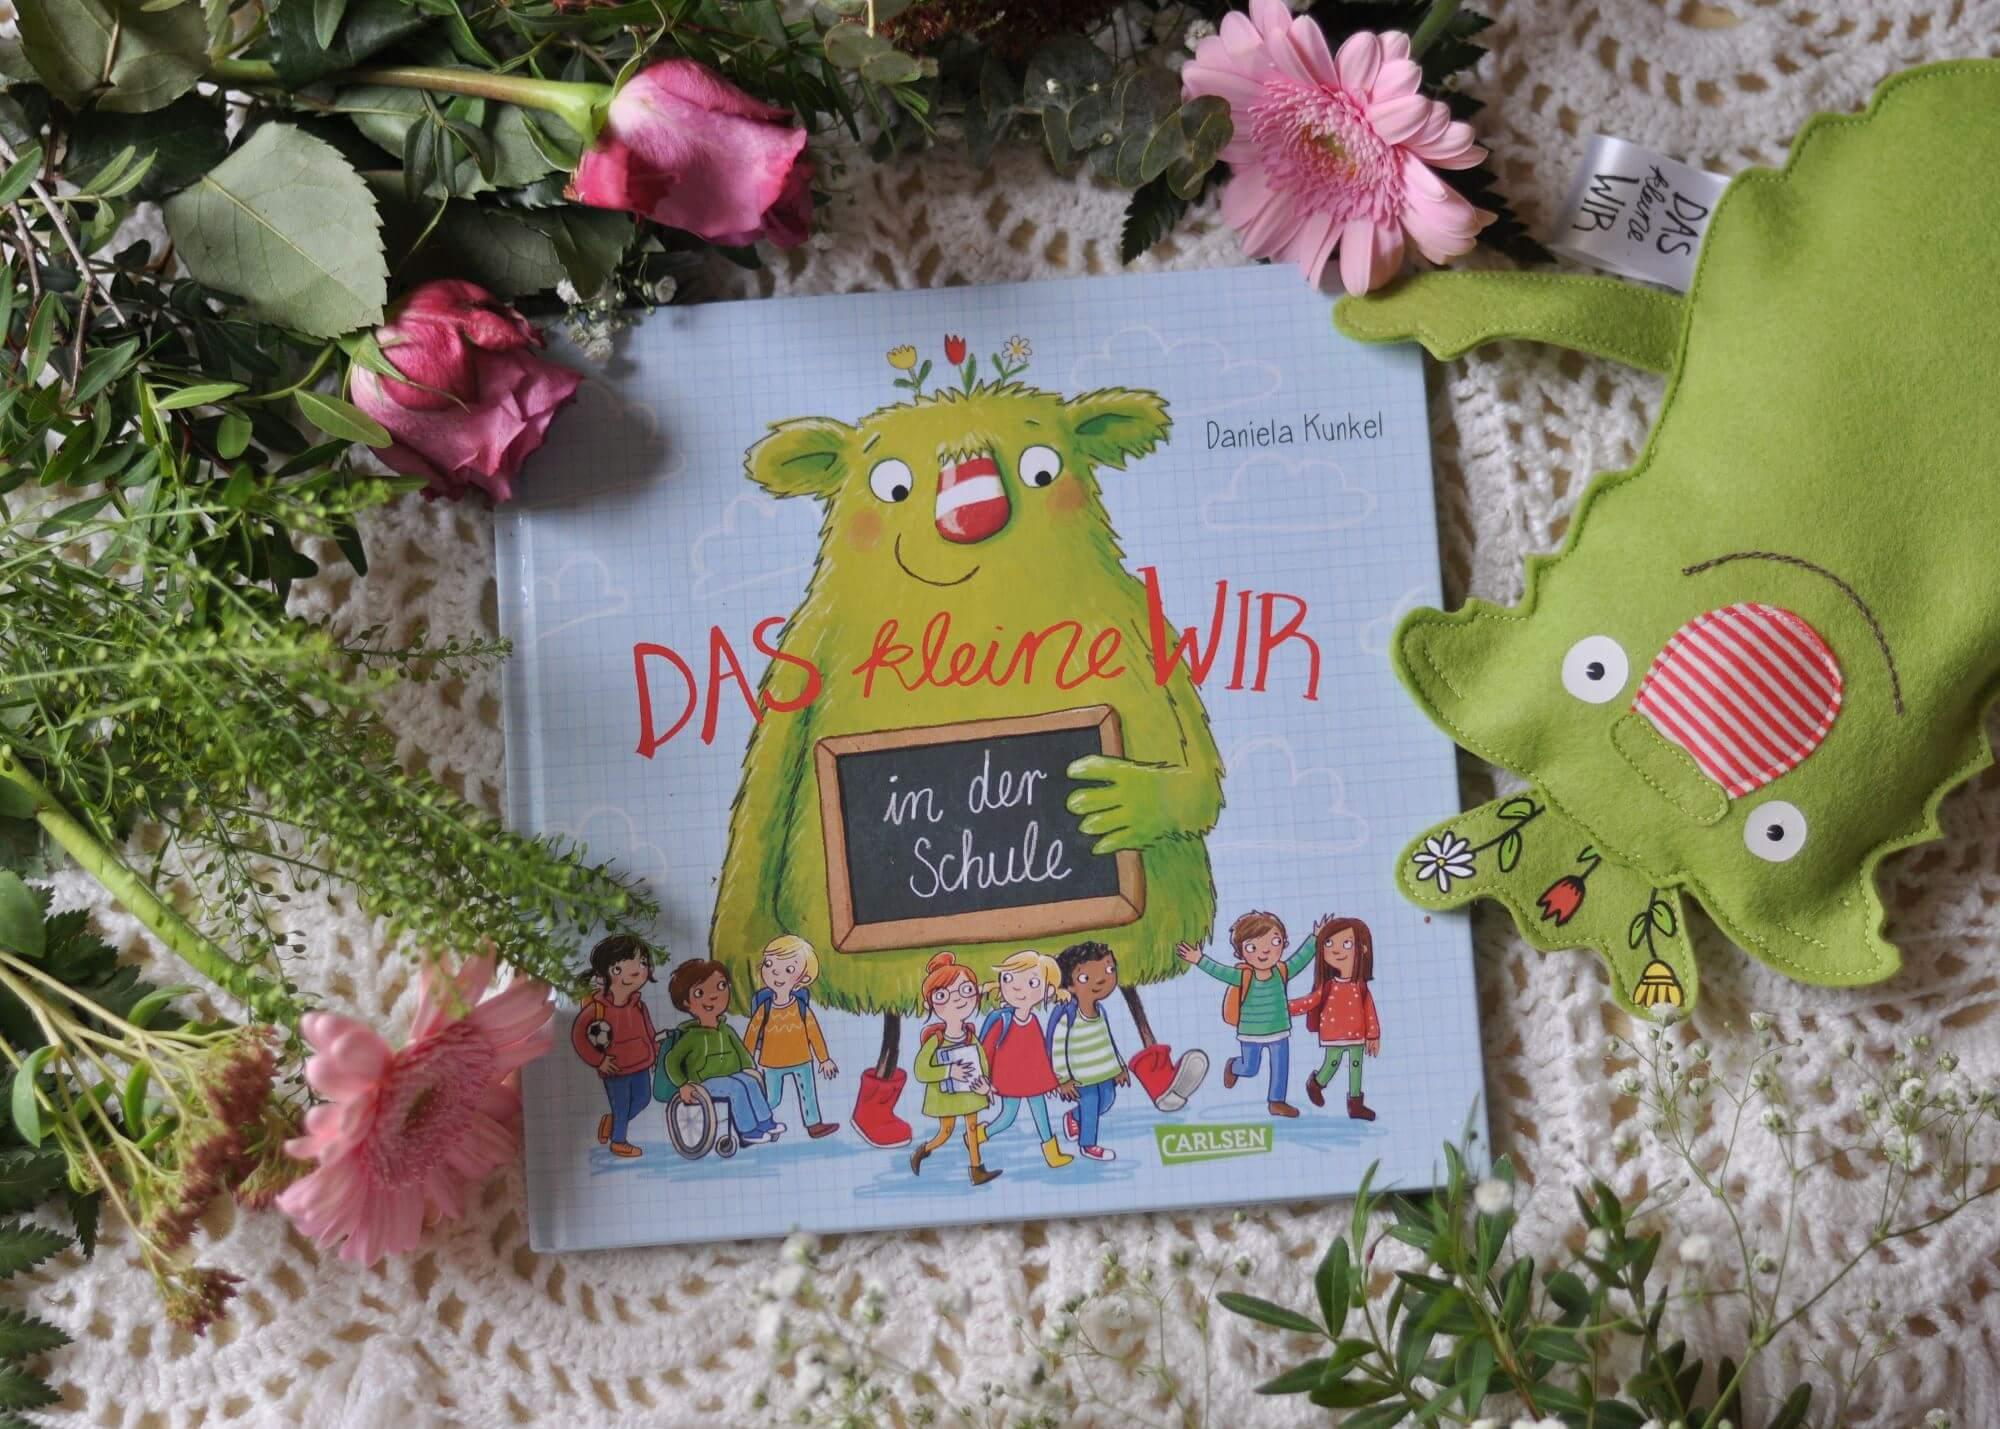 Das kleine WIR in der Schule - ein Buch über die Stärke der Gemeinschaft und wie schnell Schimpfworte und Hänseleien Gruppen zerstören können #kinderbuch #schule #gruppe #mobbing #gemeinsam #stark #kinder #lesen